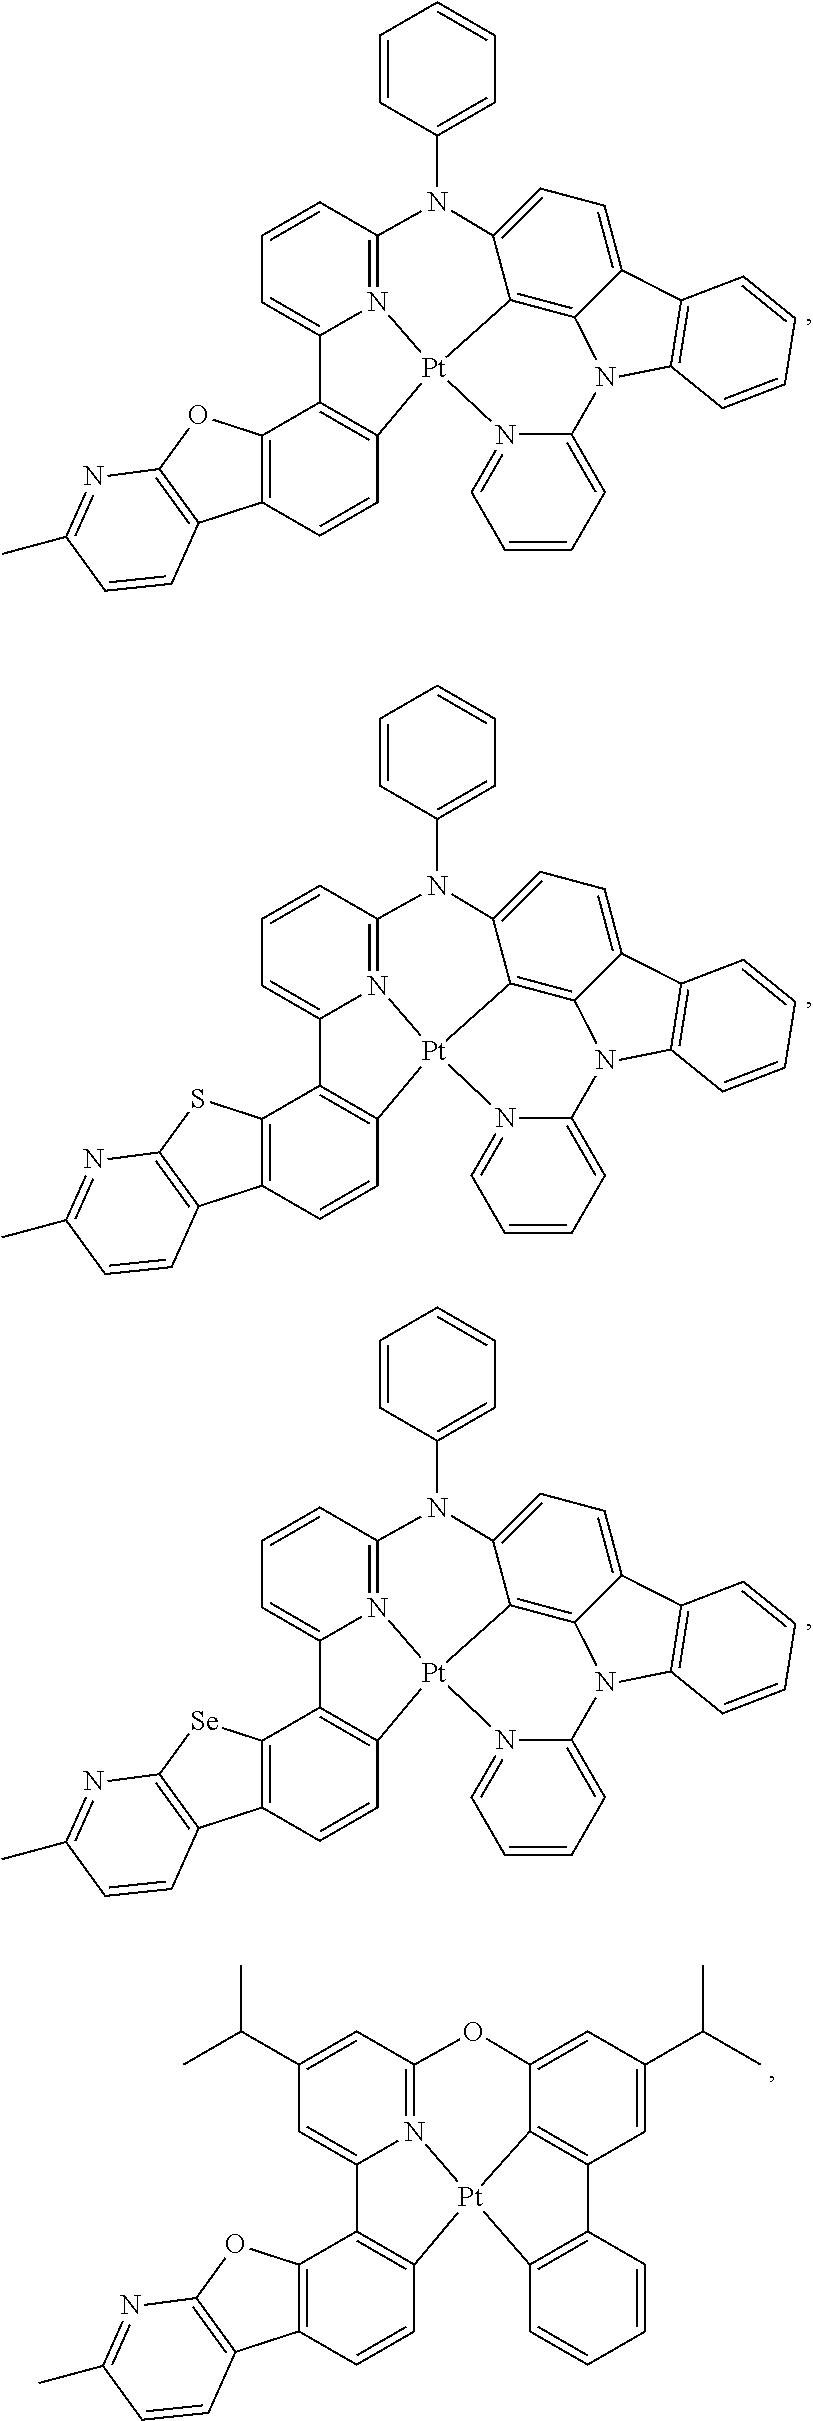 Figure US09871214-20180116-C00299